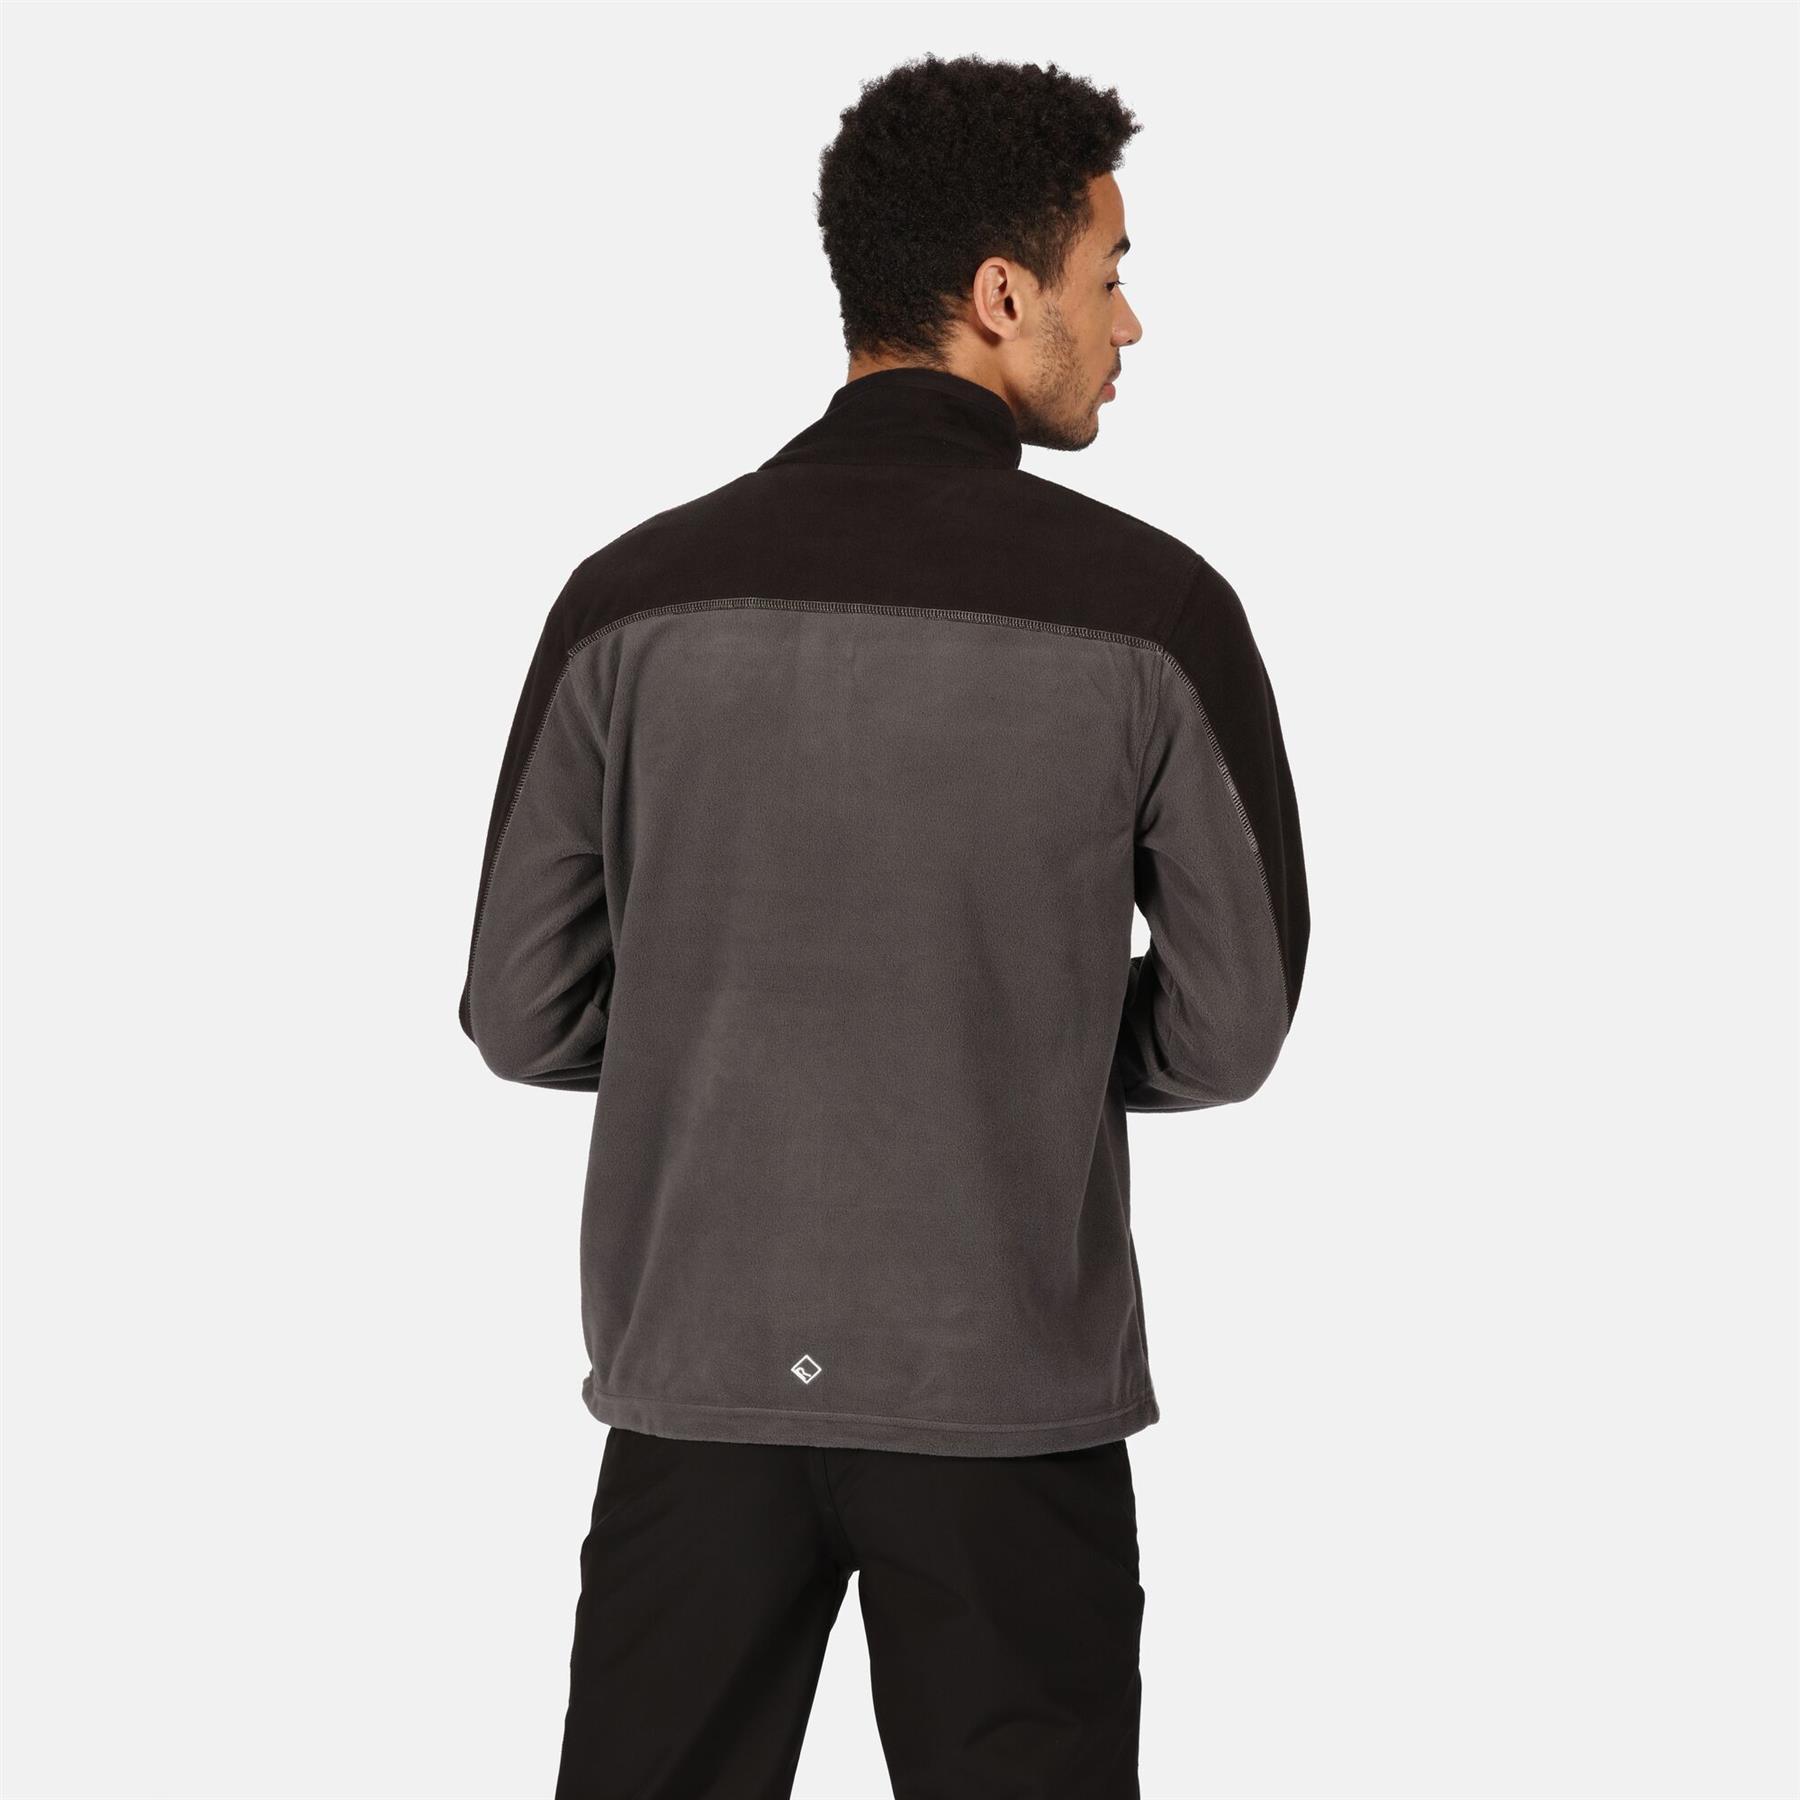 miniatuur 9 - Regatta Mens Fellard Fleece Jacket Full Zip Up Coat S M L XL 2XL 3XL 4XL